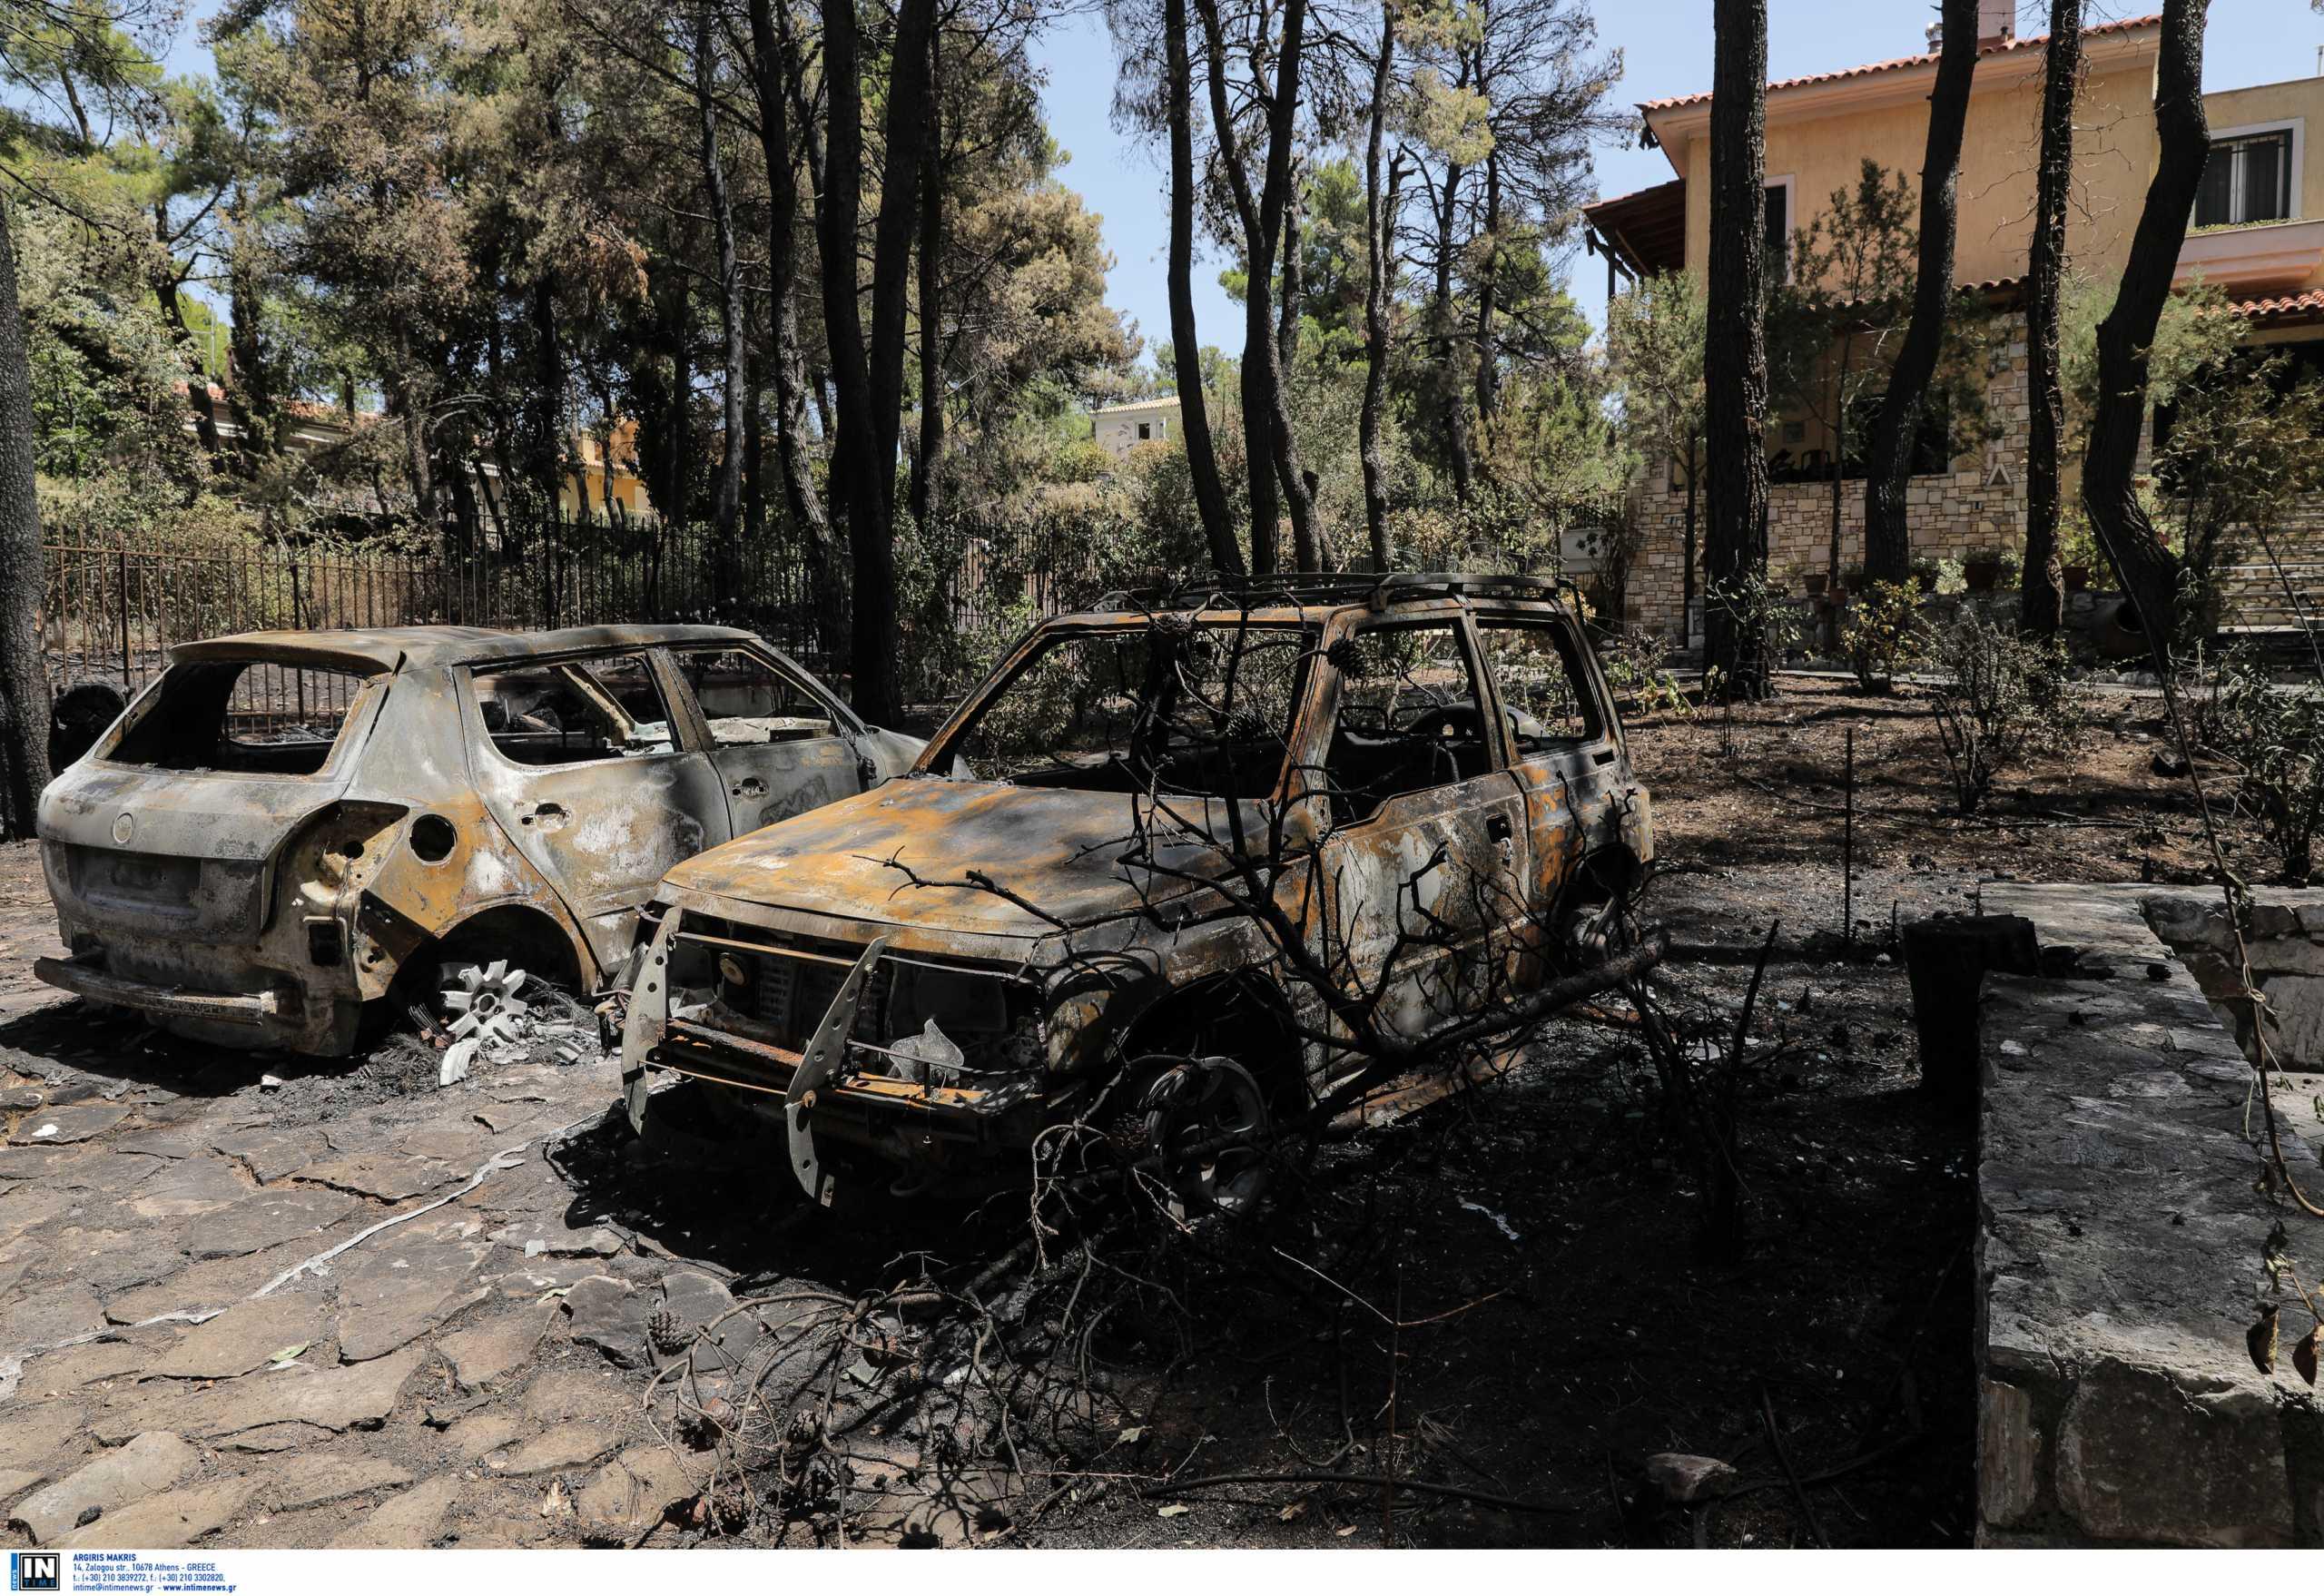 Φωτιά στην Σταμάτα: Ποινική δίωξη σε βάρος του 64χρονου μελισσοκόμου